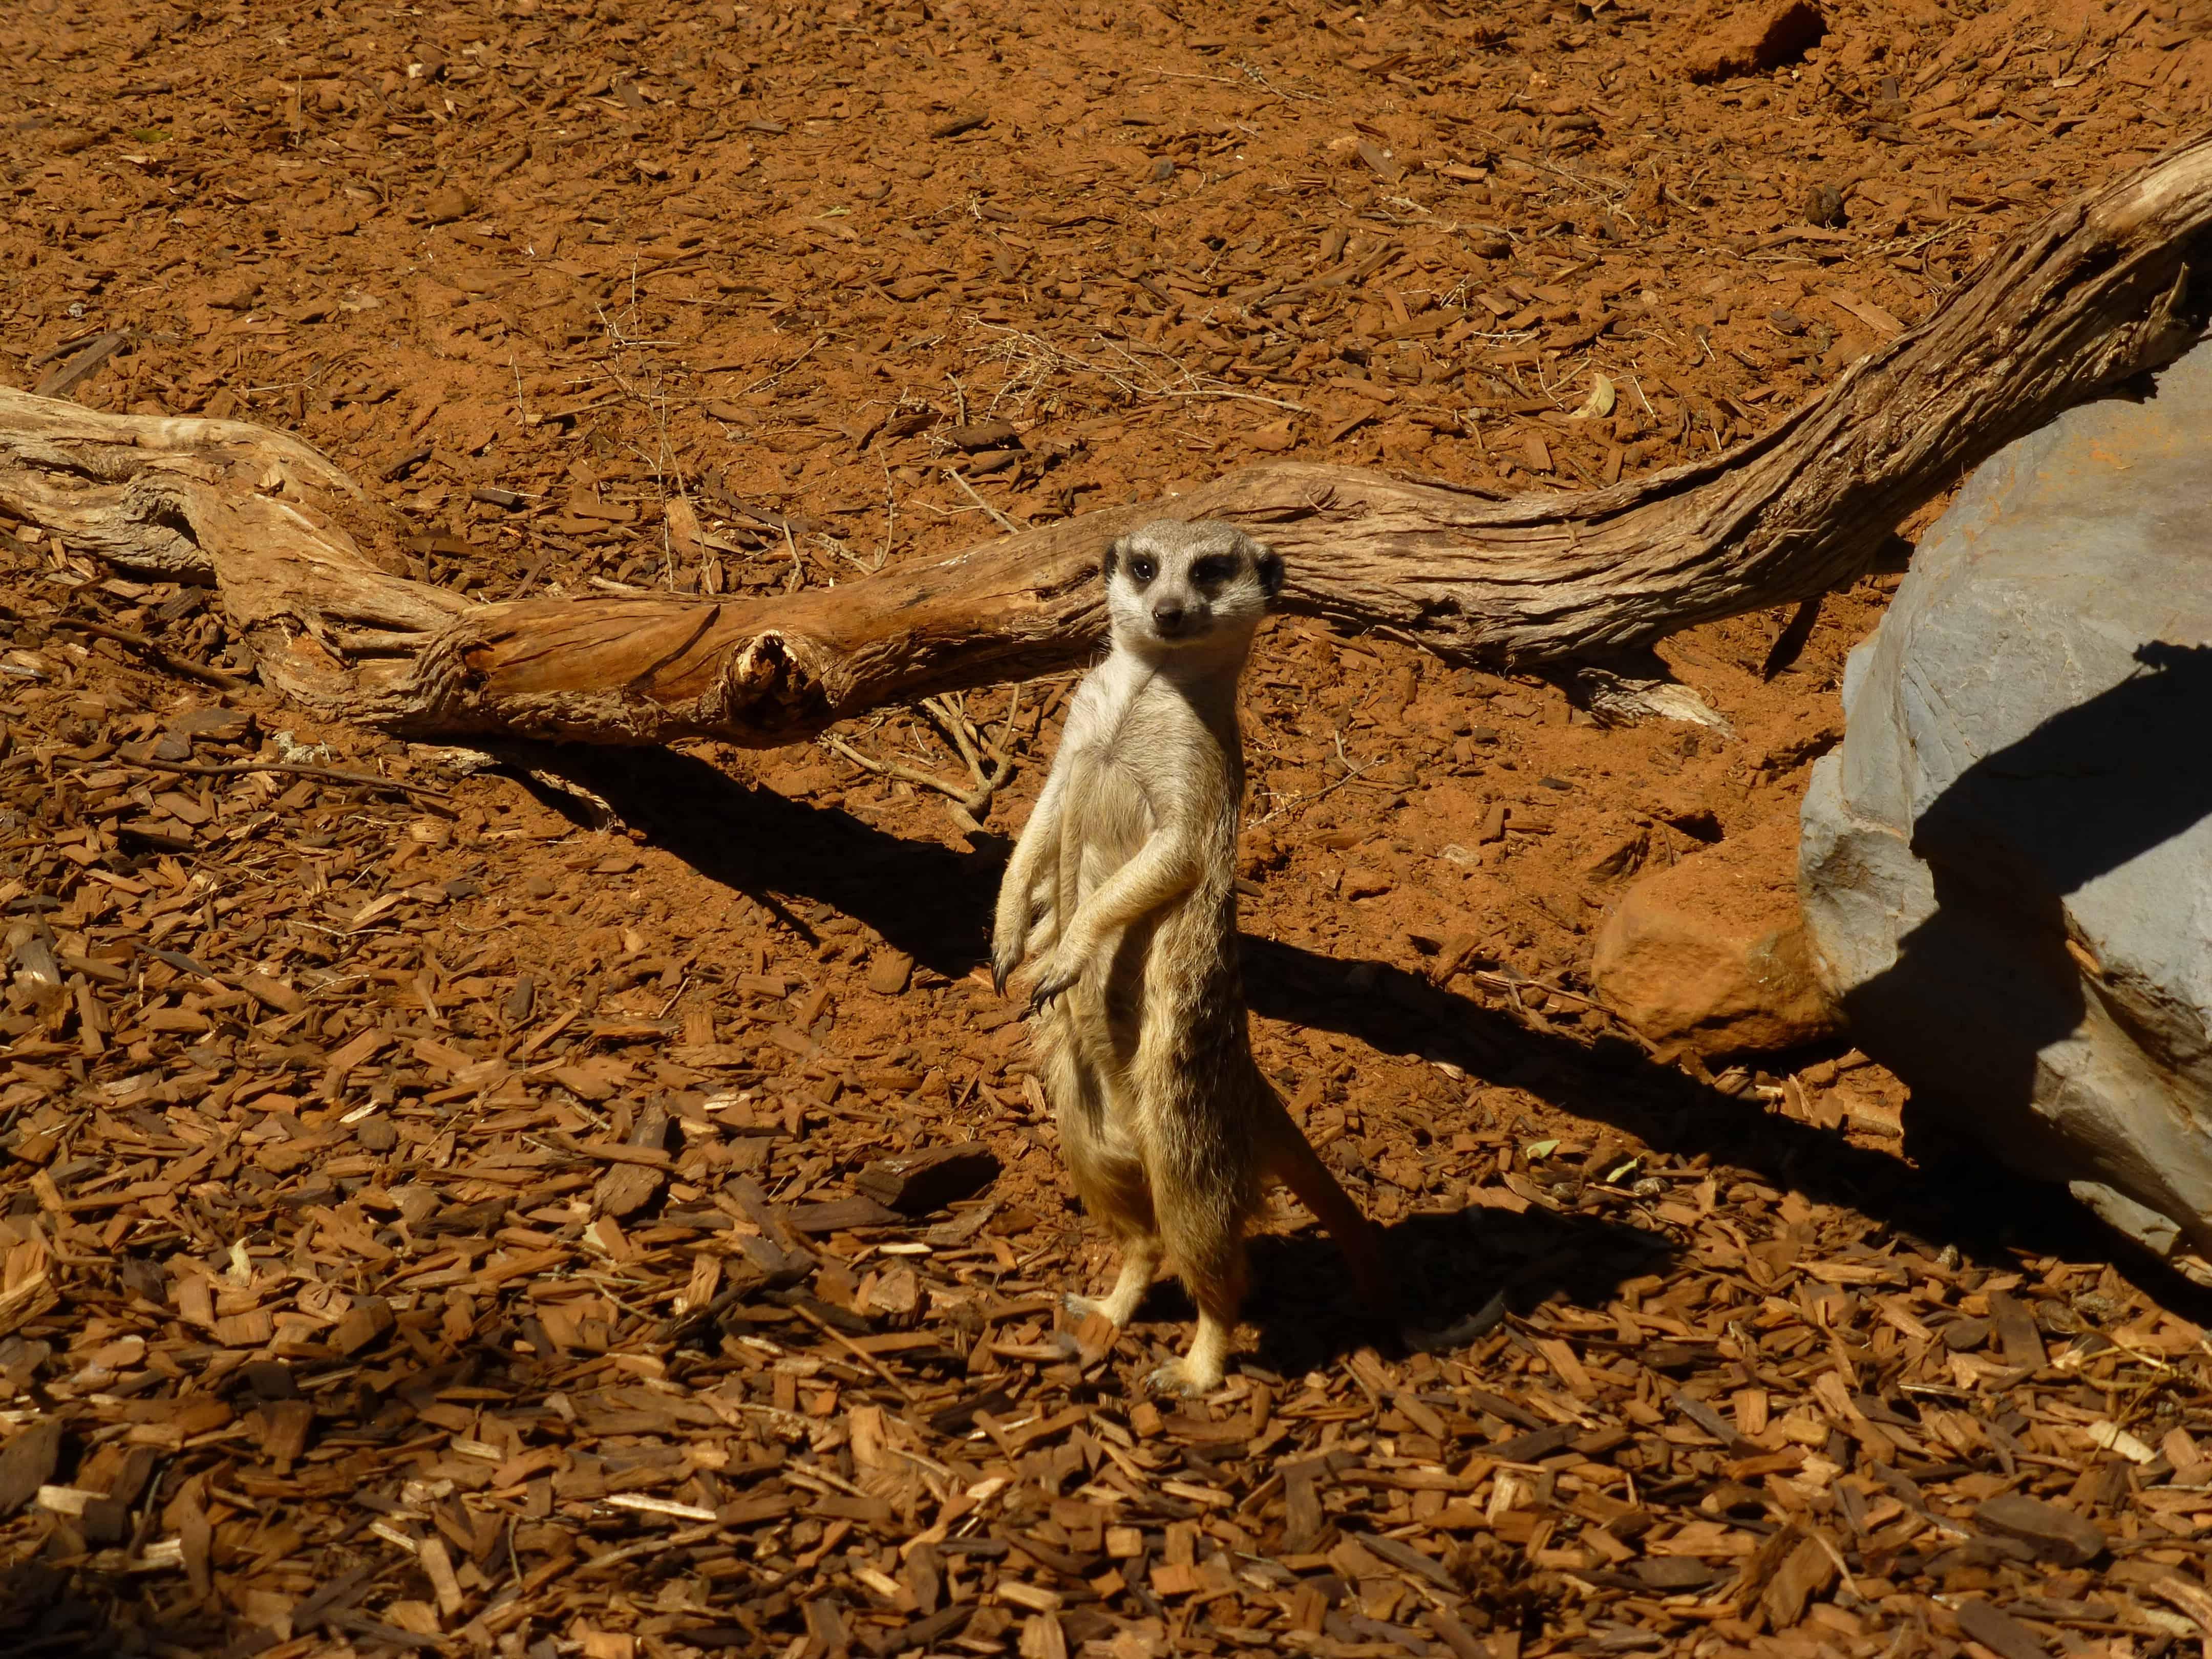 Monarto Zoo Meerkat in watchful stance